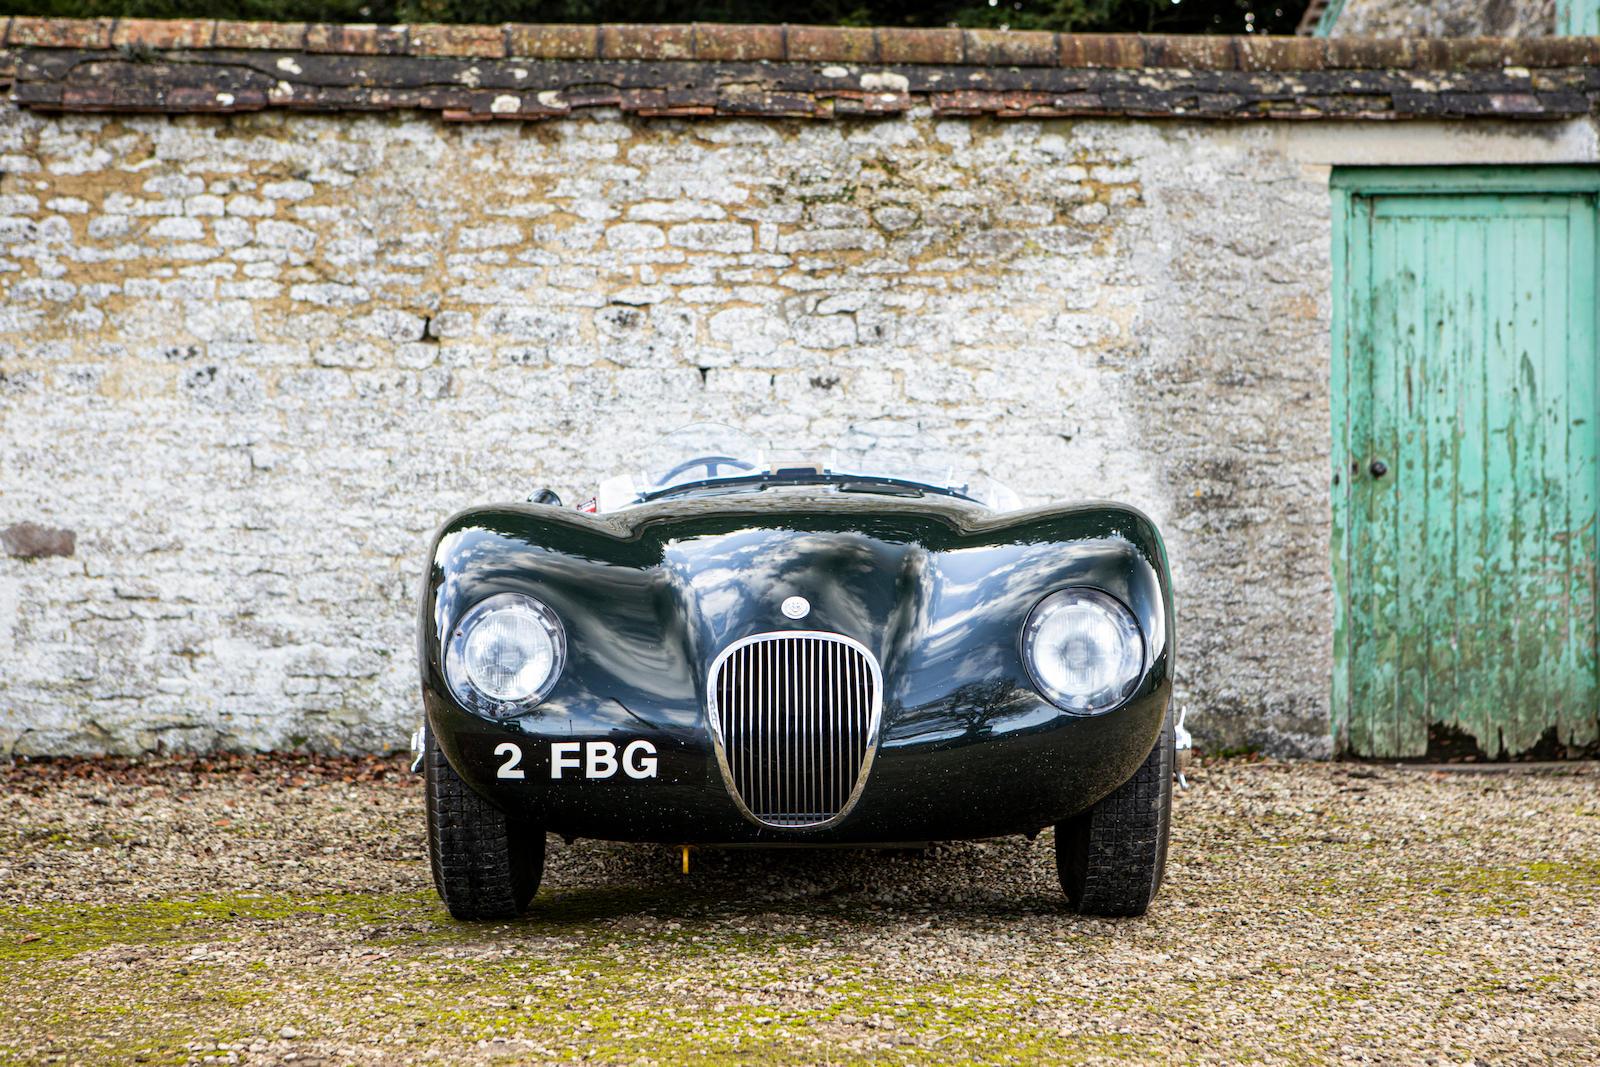 1952 Jaguar XK120 C-Type front